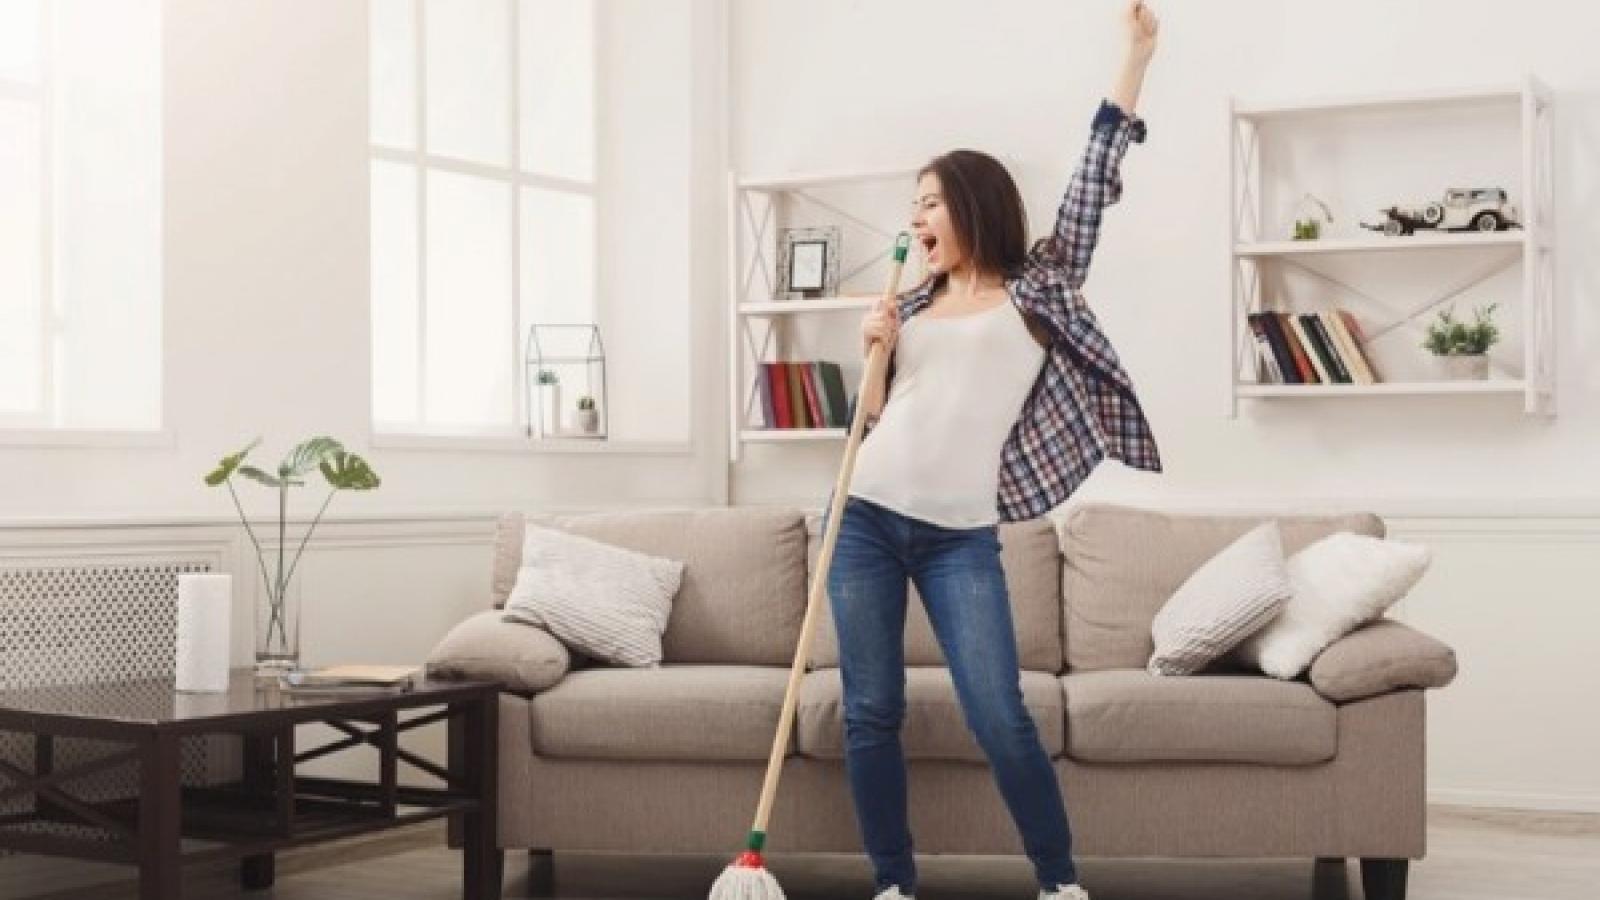 Những giải pháp giúp việc nhà của bạn bớt nhàm chán